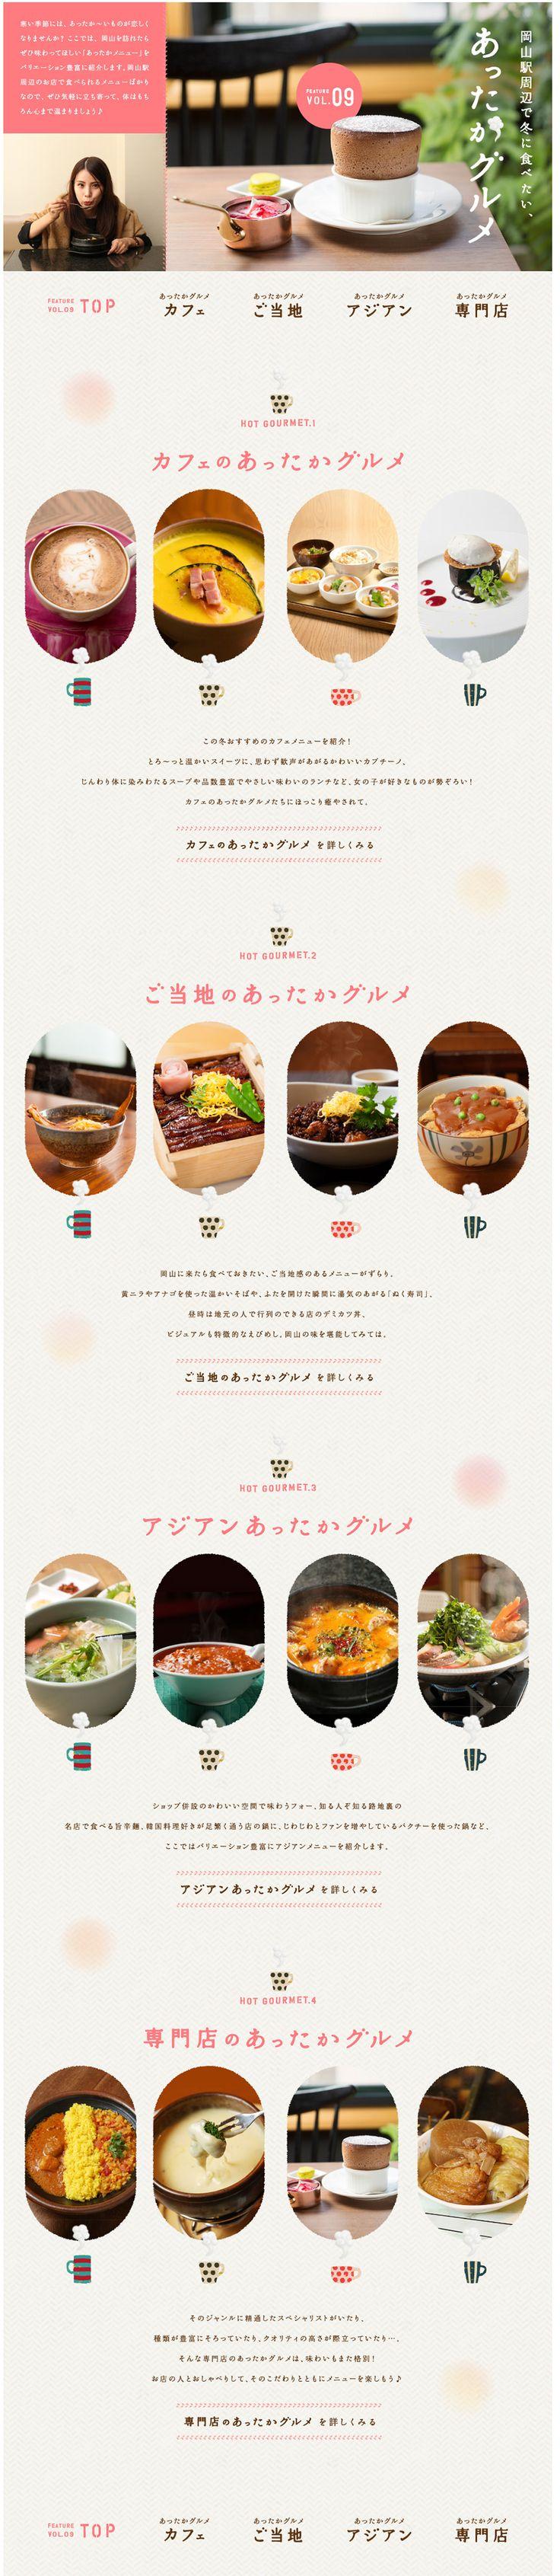 岡山駅周辺で冬に食べたい、あったかグルメ【食品関連】のLPデザイン。WEBデザイナーさん必見!ランディングページのデザイン参考に(かわいい系)